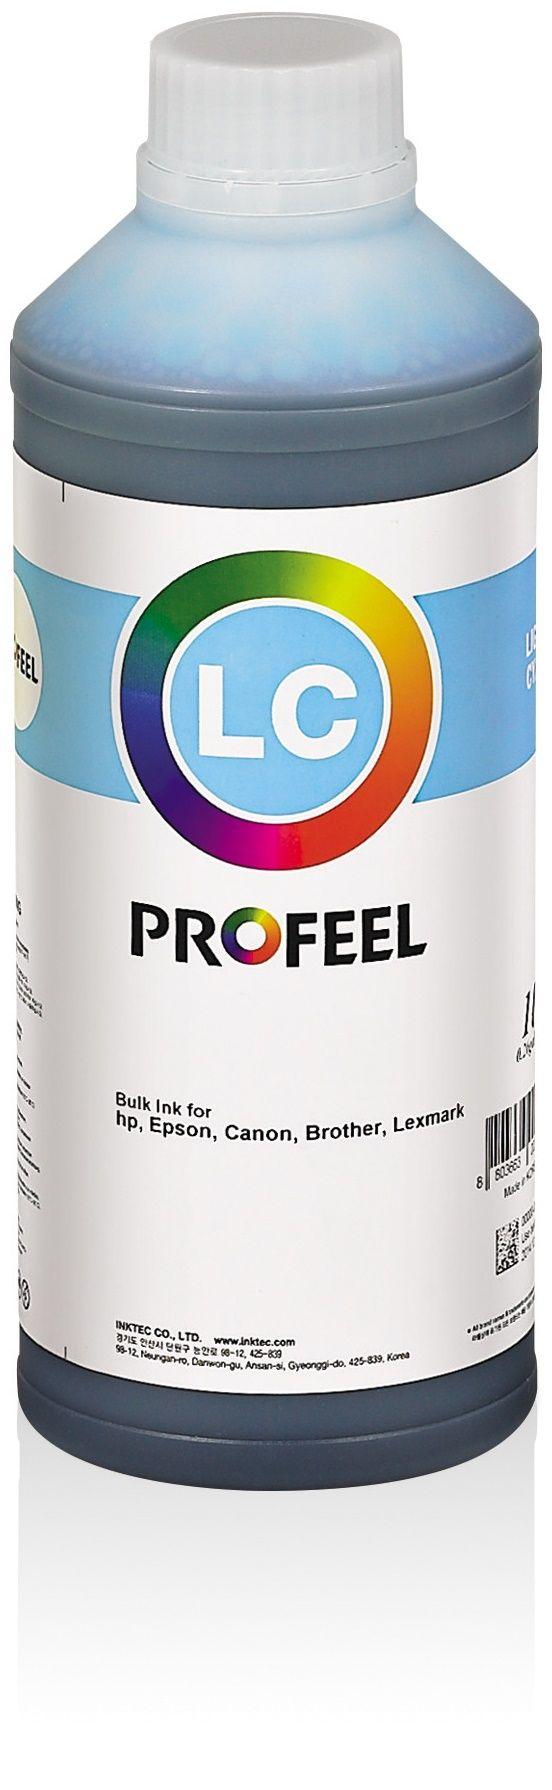 Tinta corante InkTec Profeel para Epson | modelo EU1000-01LLC | Frasco de 1 litro | Cor : Ciano claro